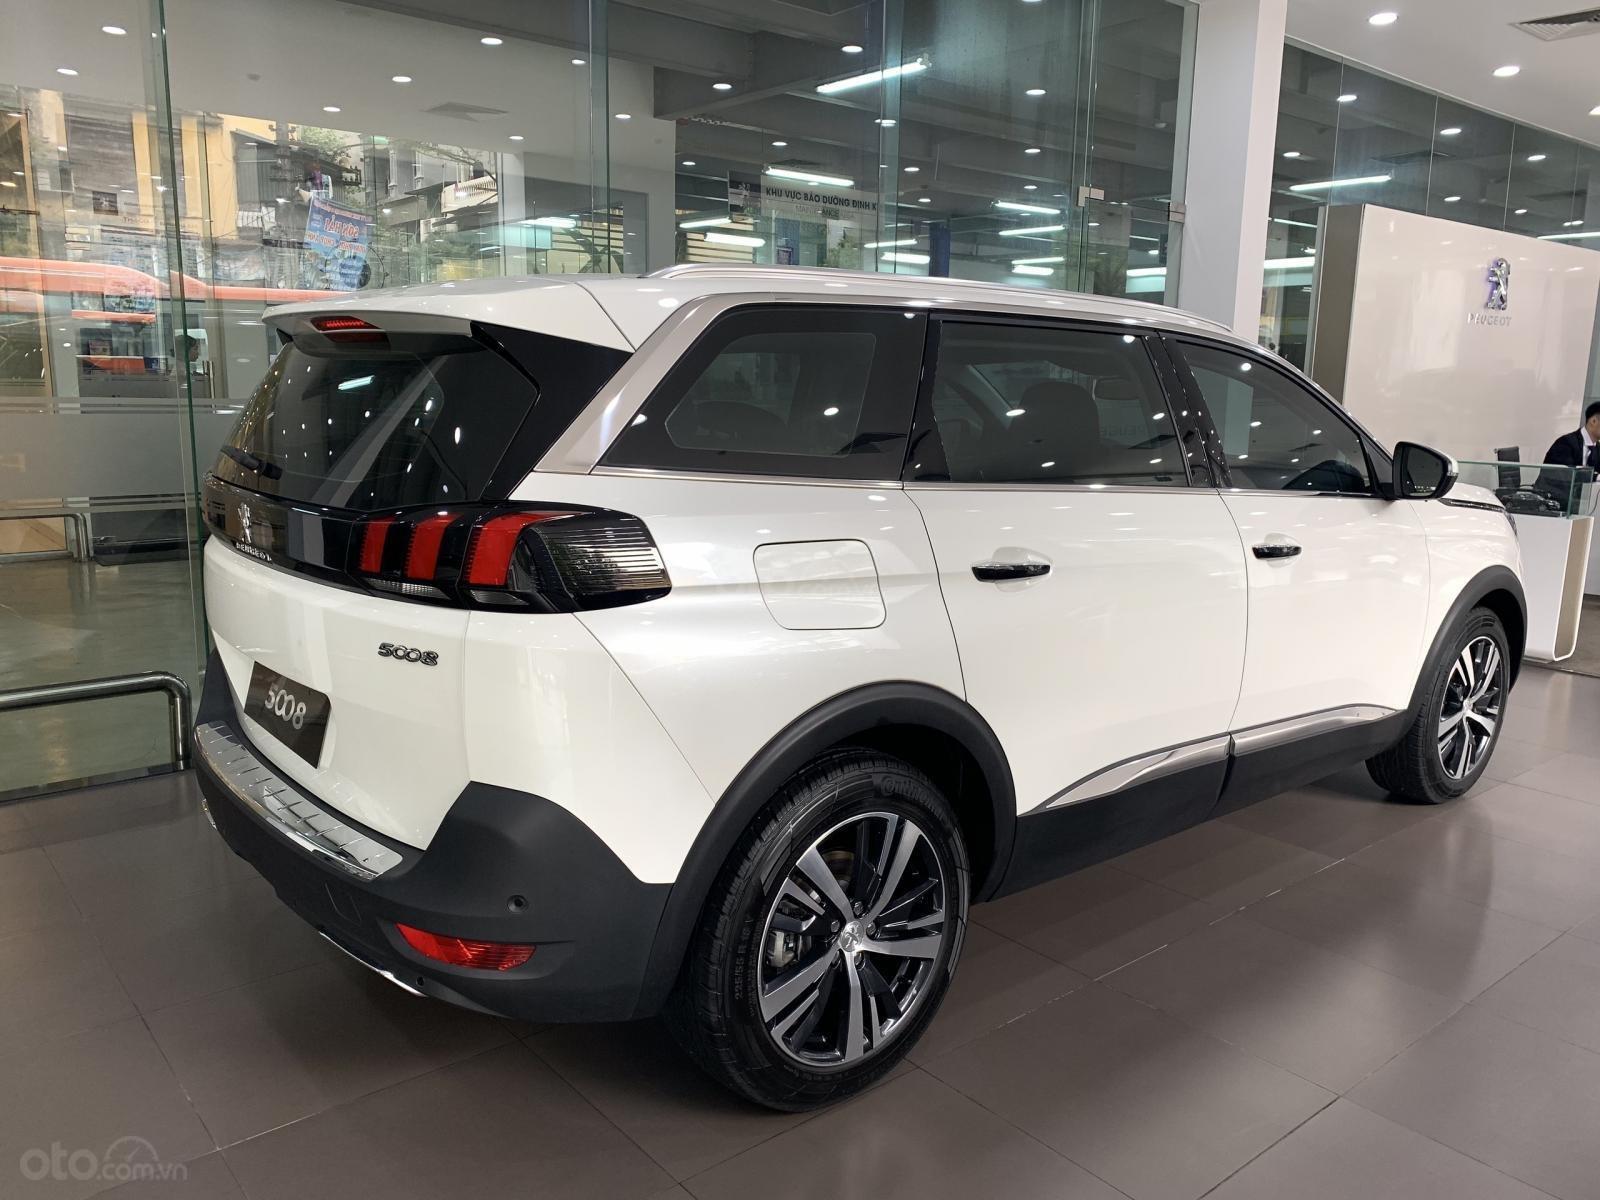 Peugeot Lê Duẩn - Peugeot 5008 2019 siêu HOT - trả trước 420 triệu - xe giao ngay - khuyến mãi khủng, giá sốc-4